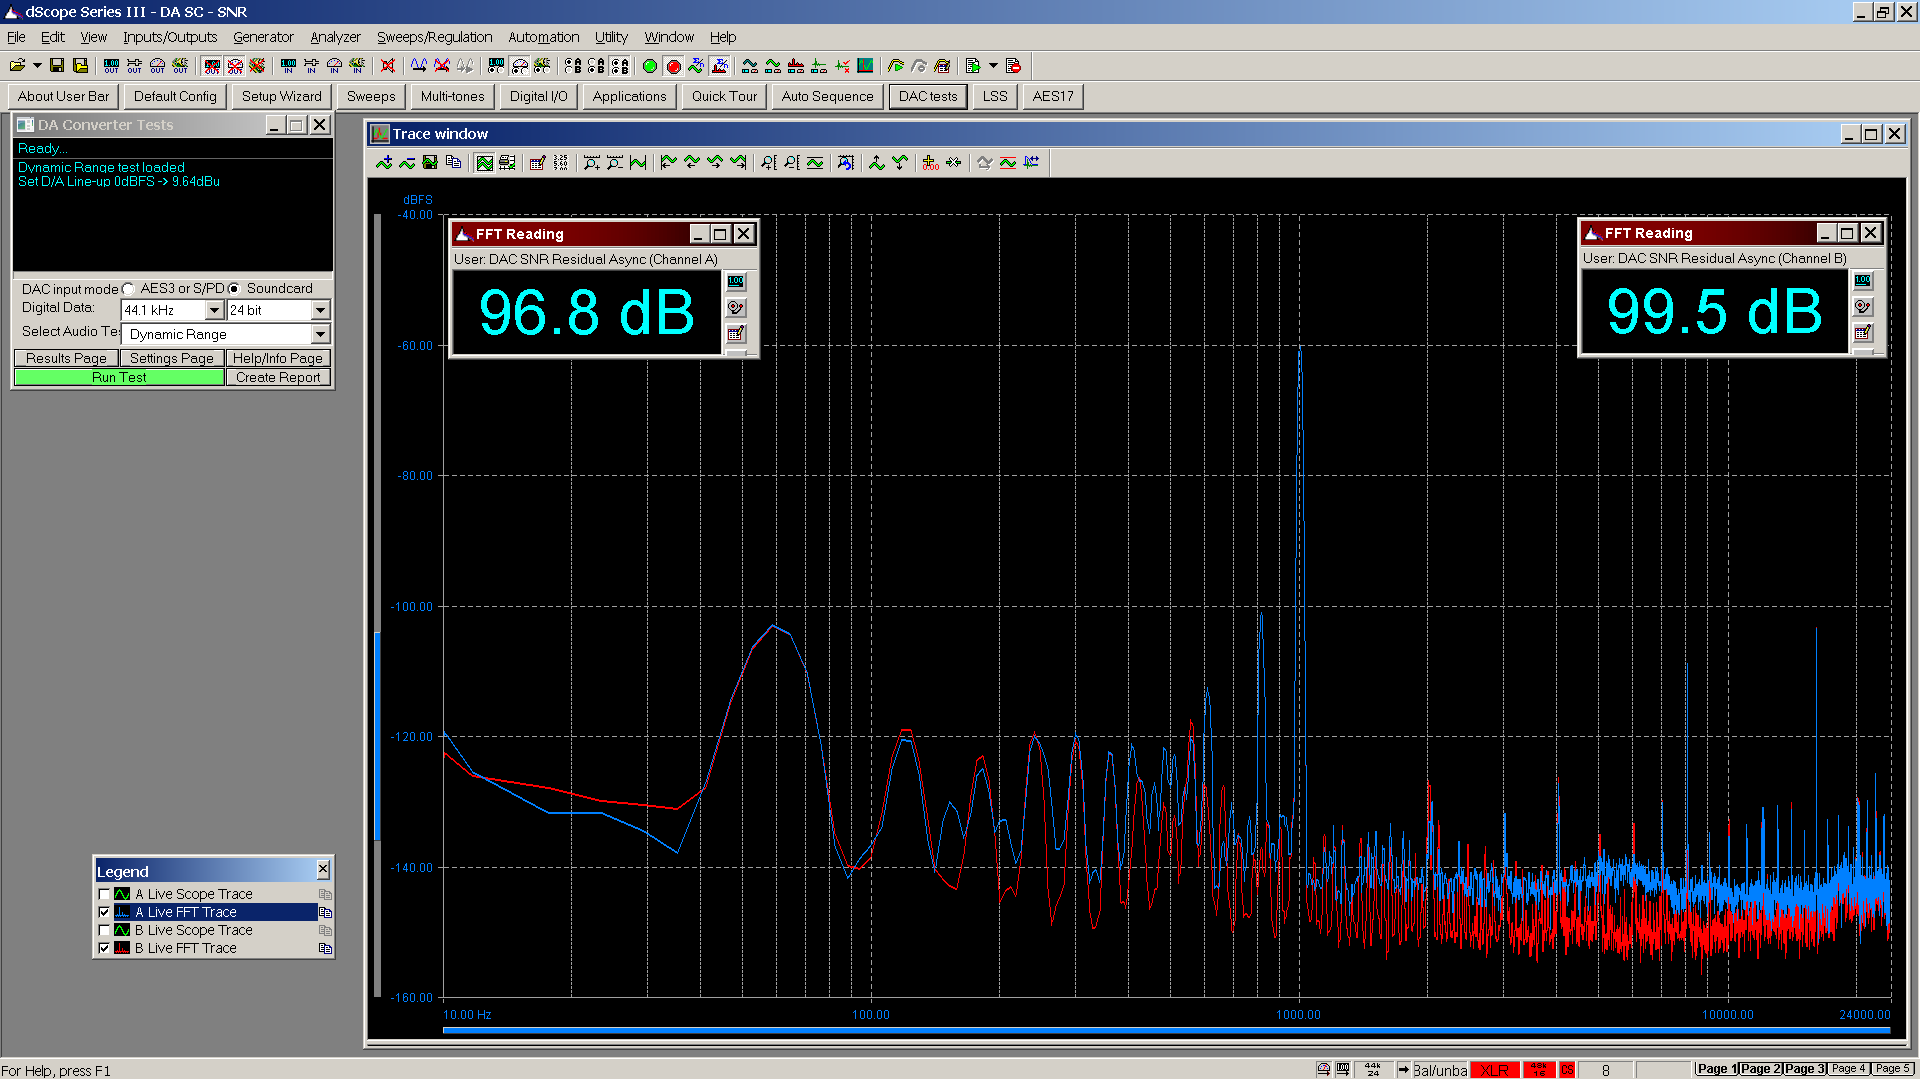 20170724 Ares SE dynamic range.PNG